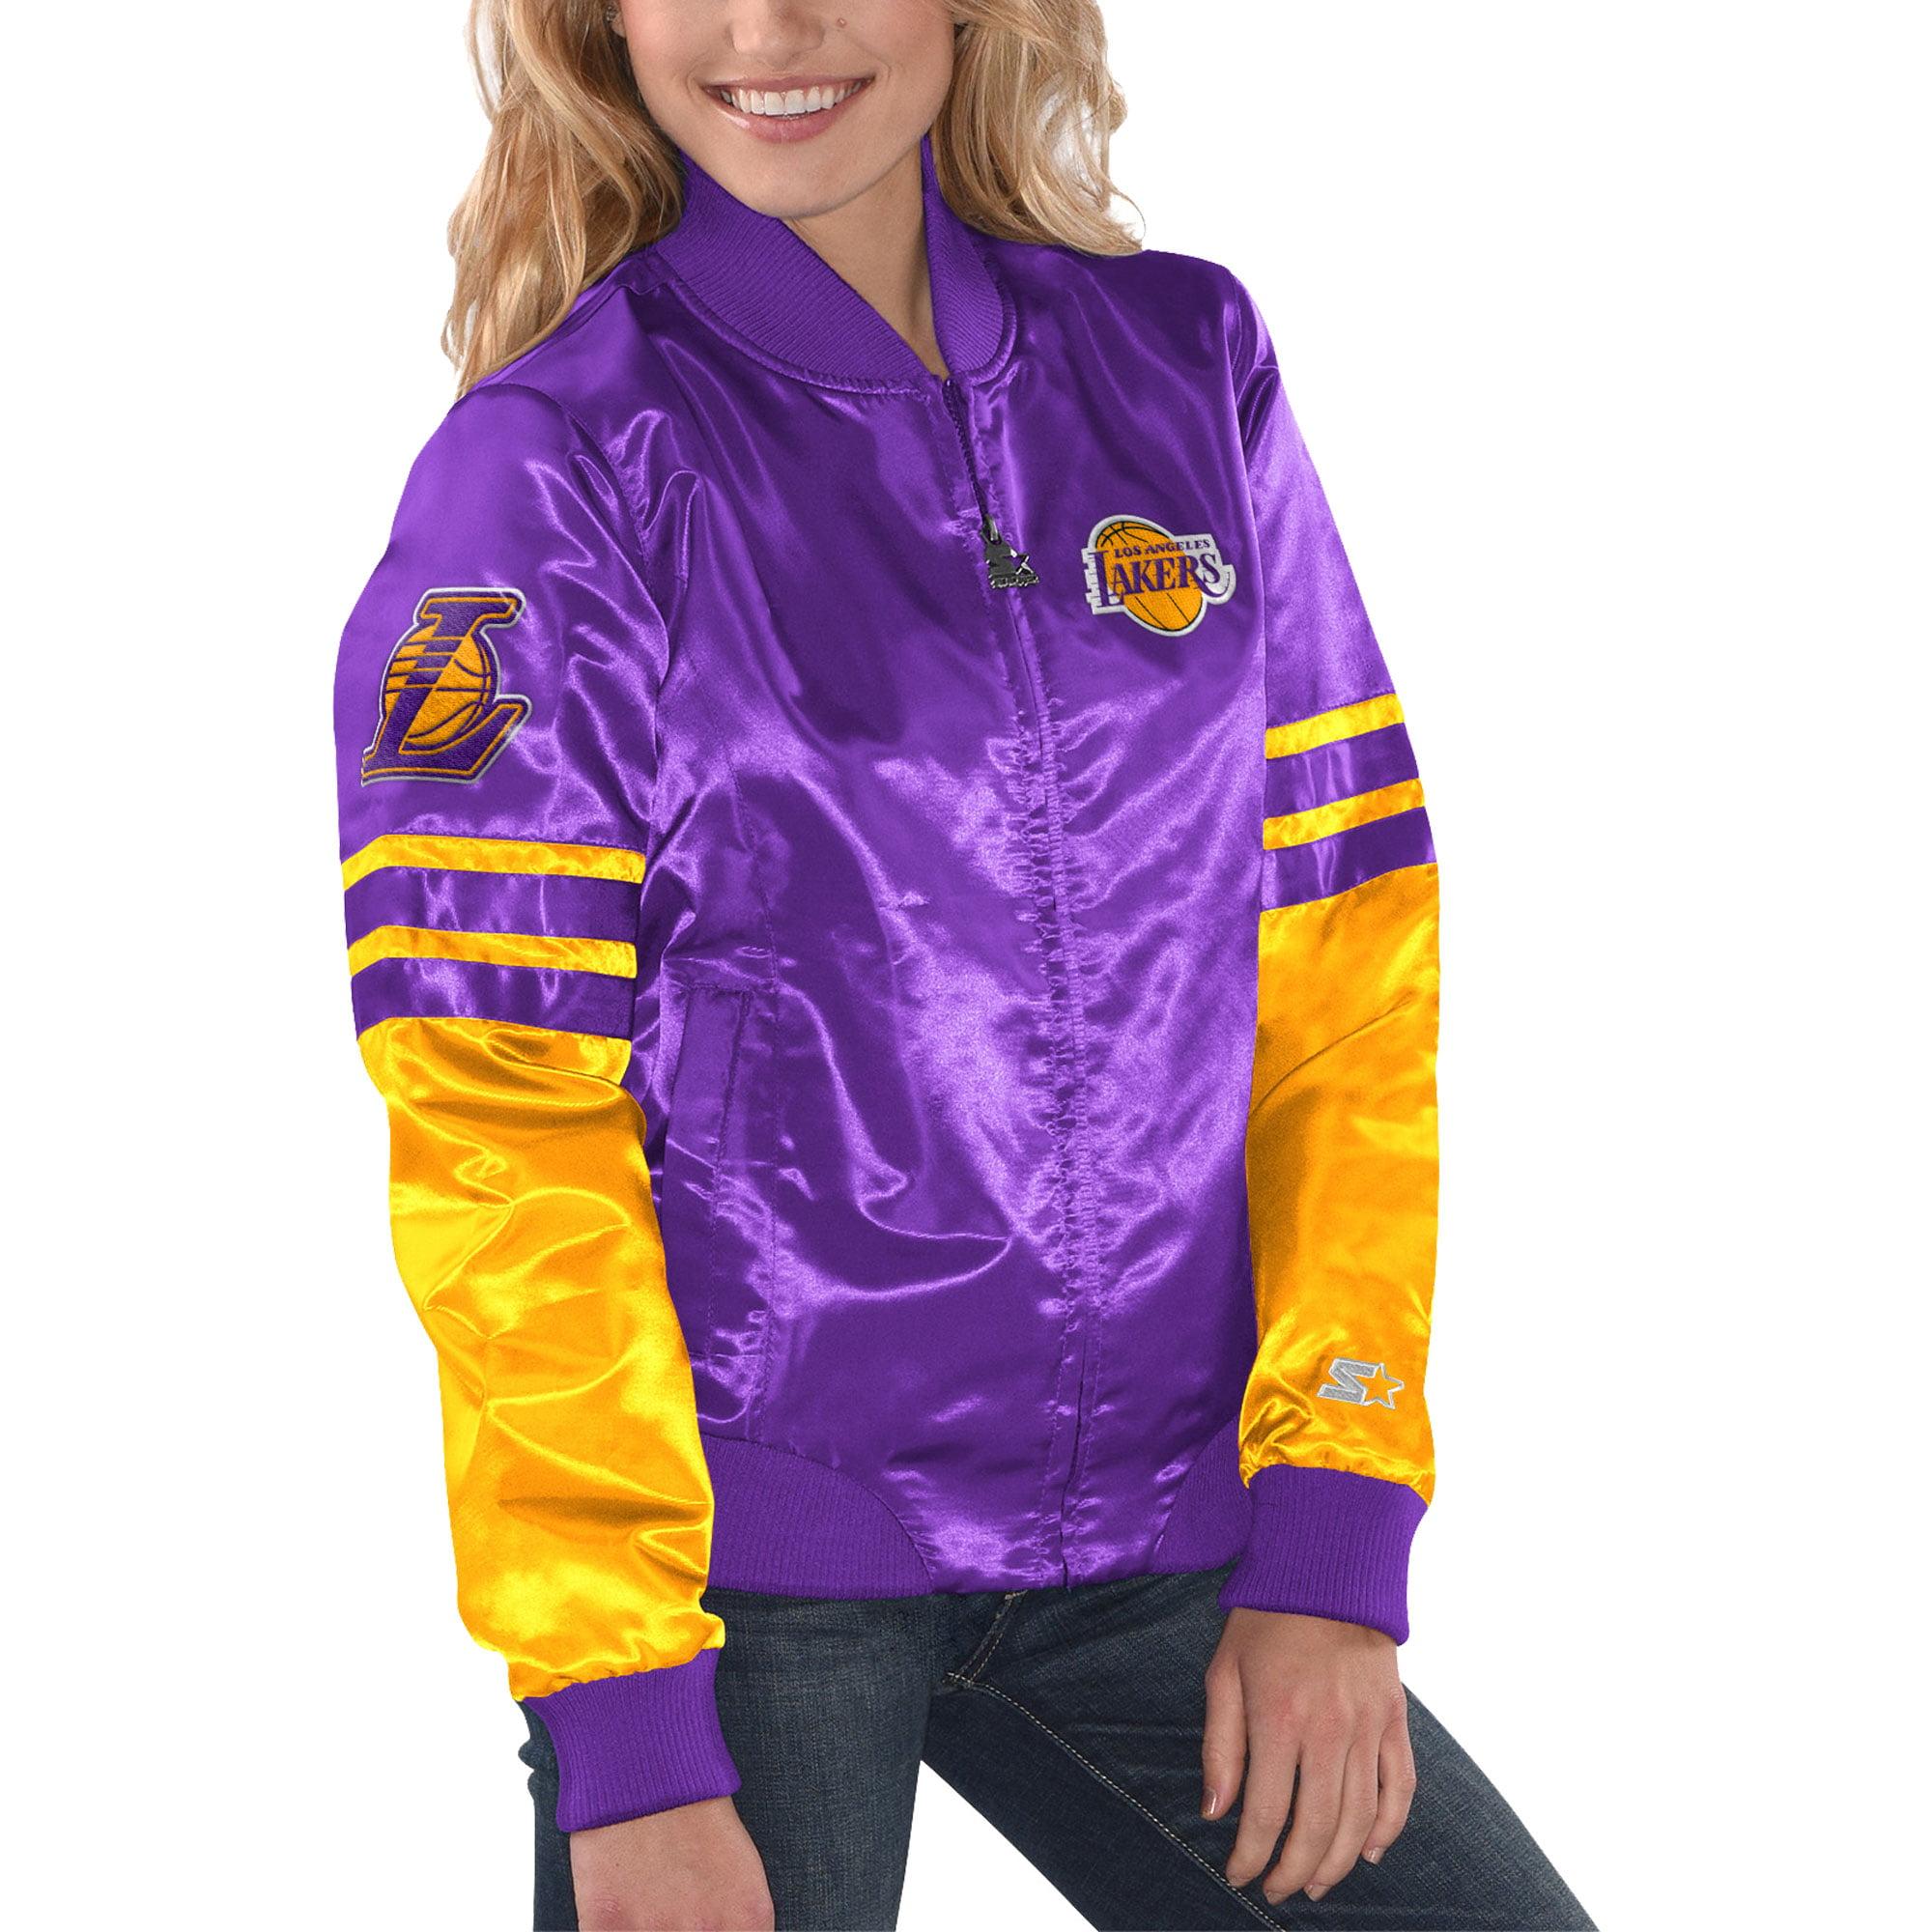 Los Angeles Lakers Starter Women's Tie Breaker Satin Jacket - Purple/Gold